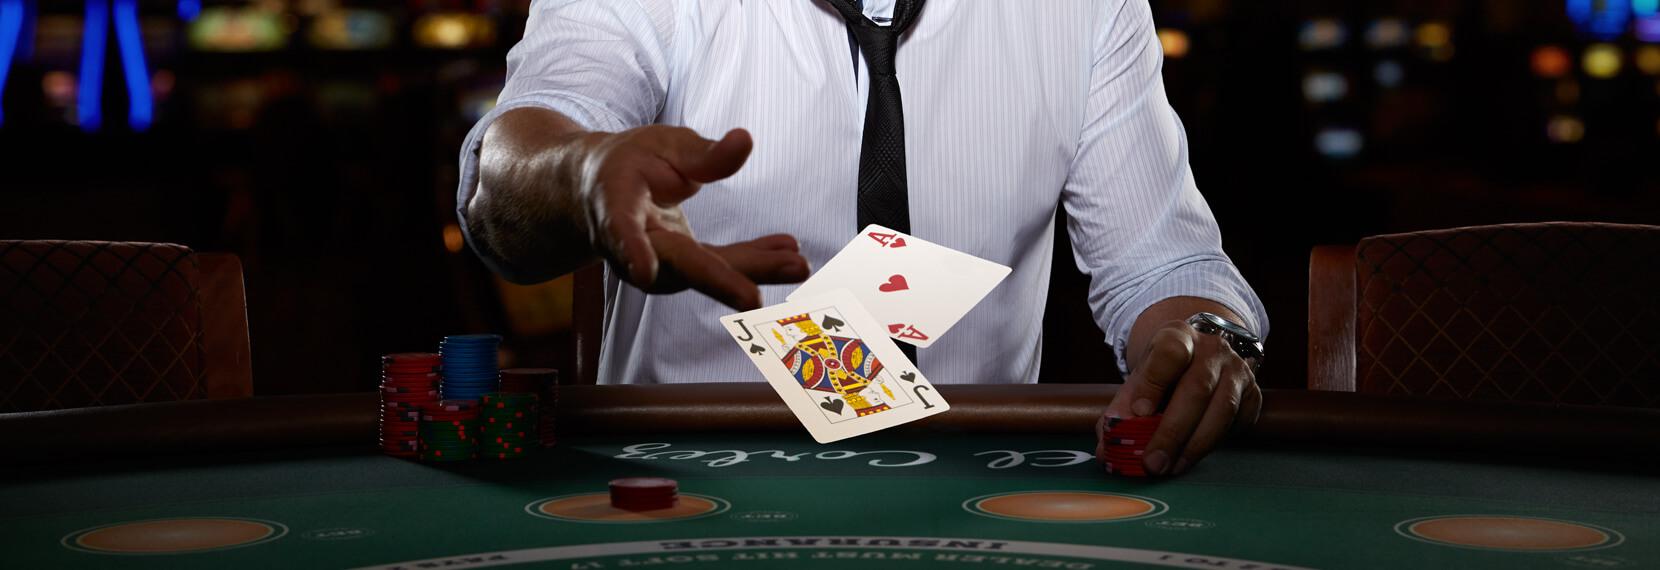 Choix d'applications pour jouer au blackjack